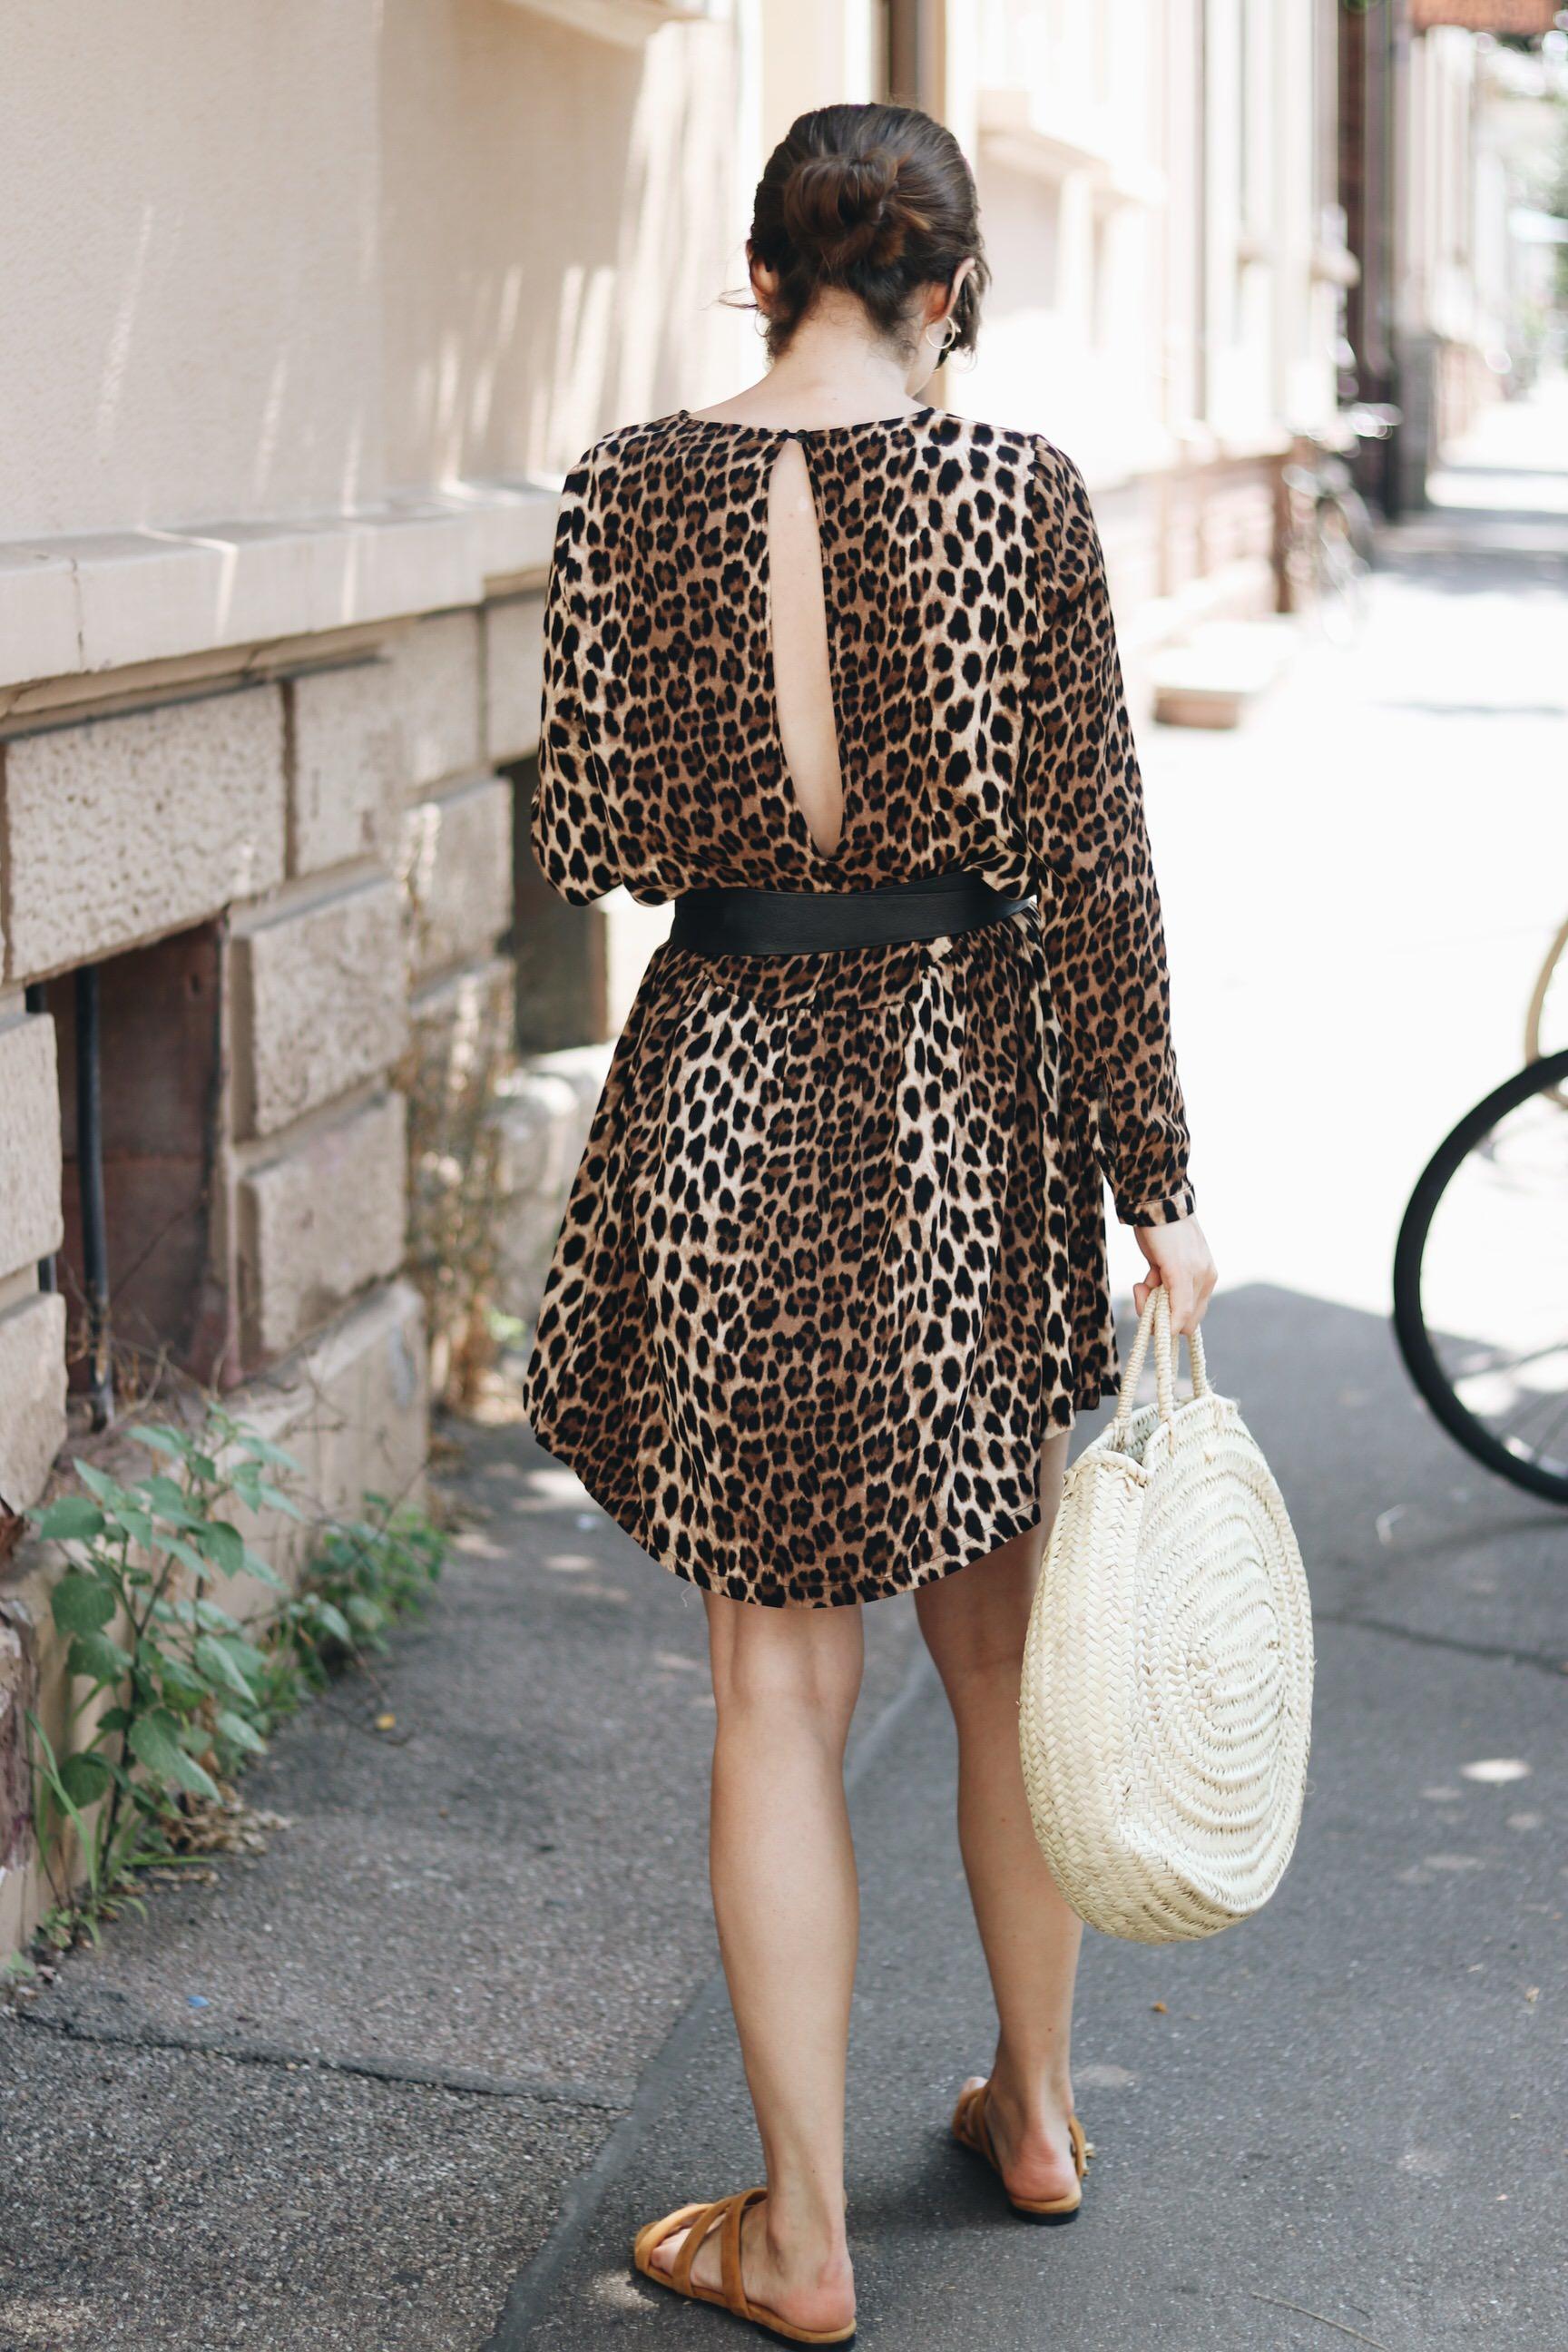 Leoprint Sommerkleid Outfit Blog Mode Modetrends Sommer